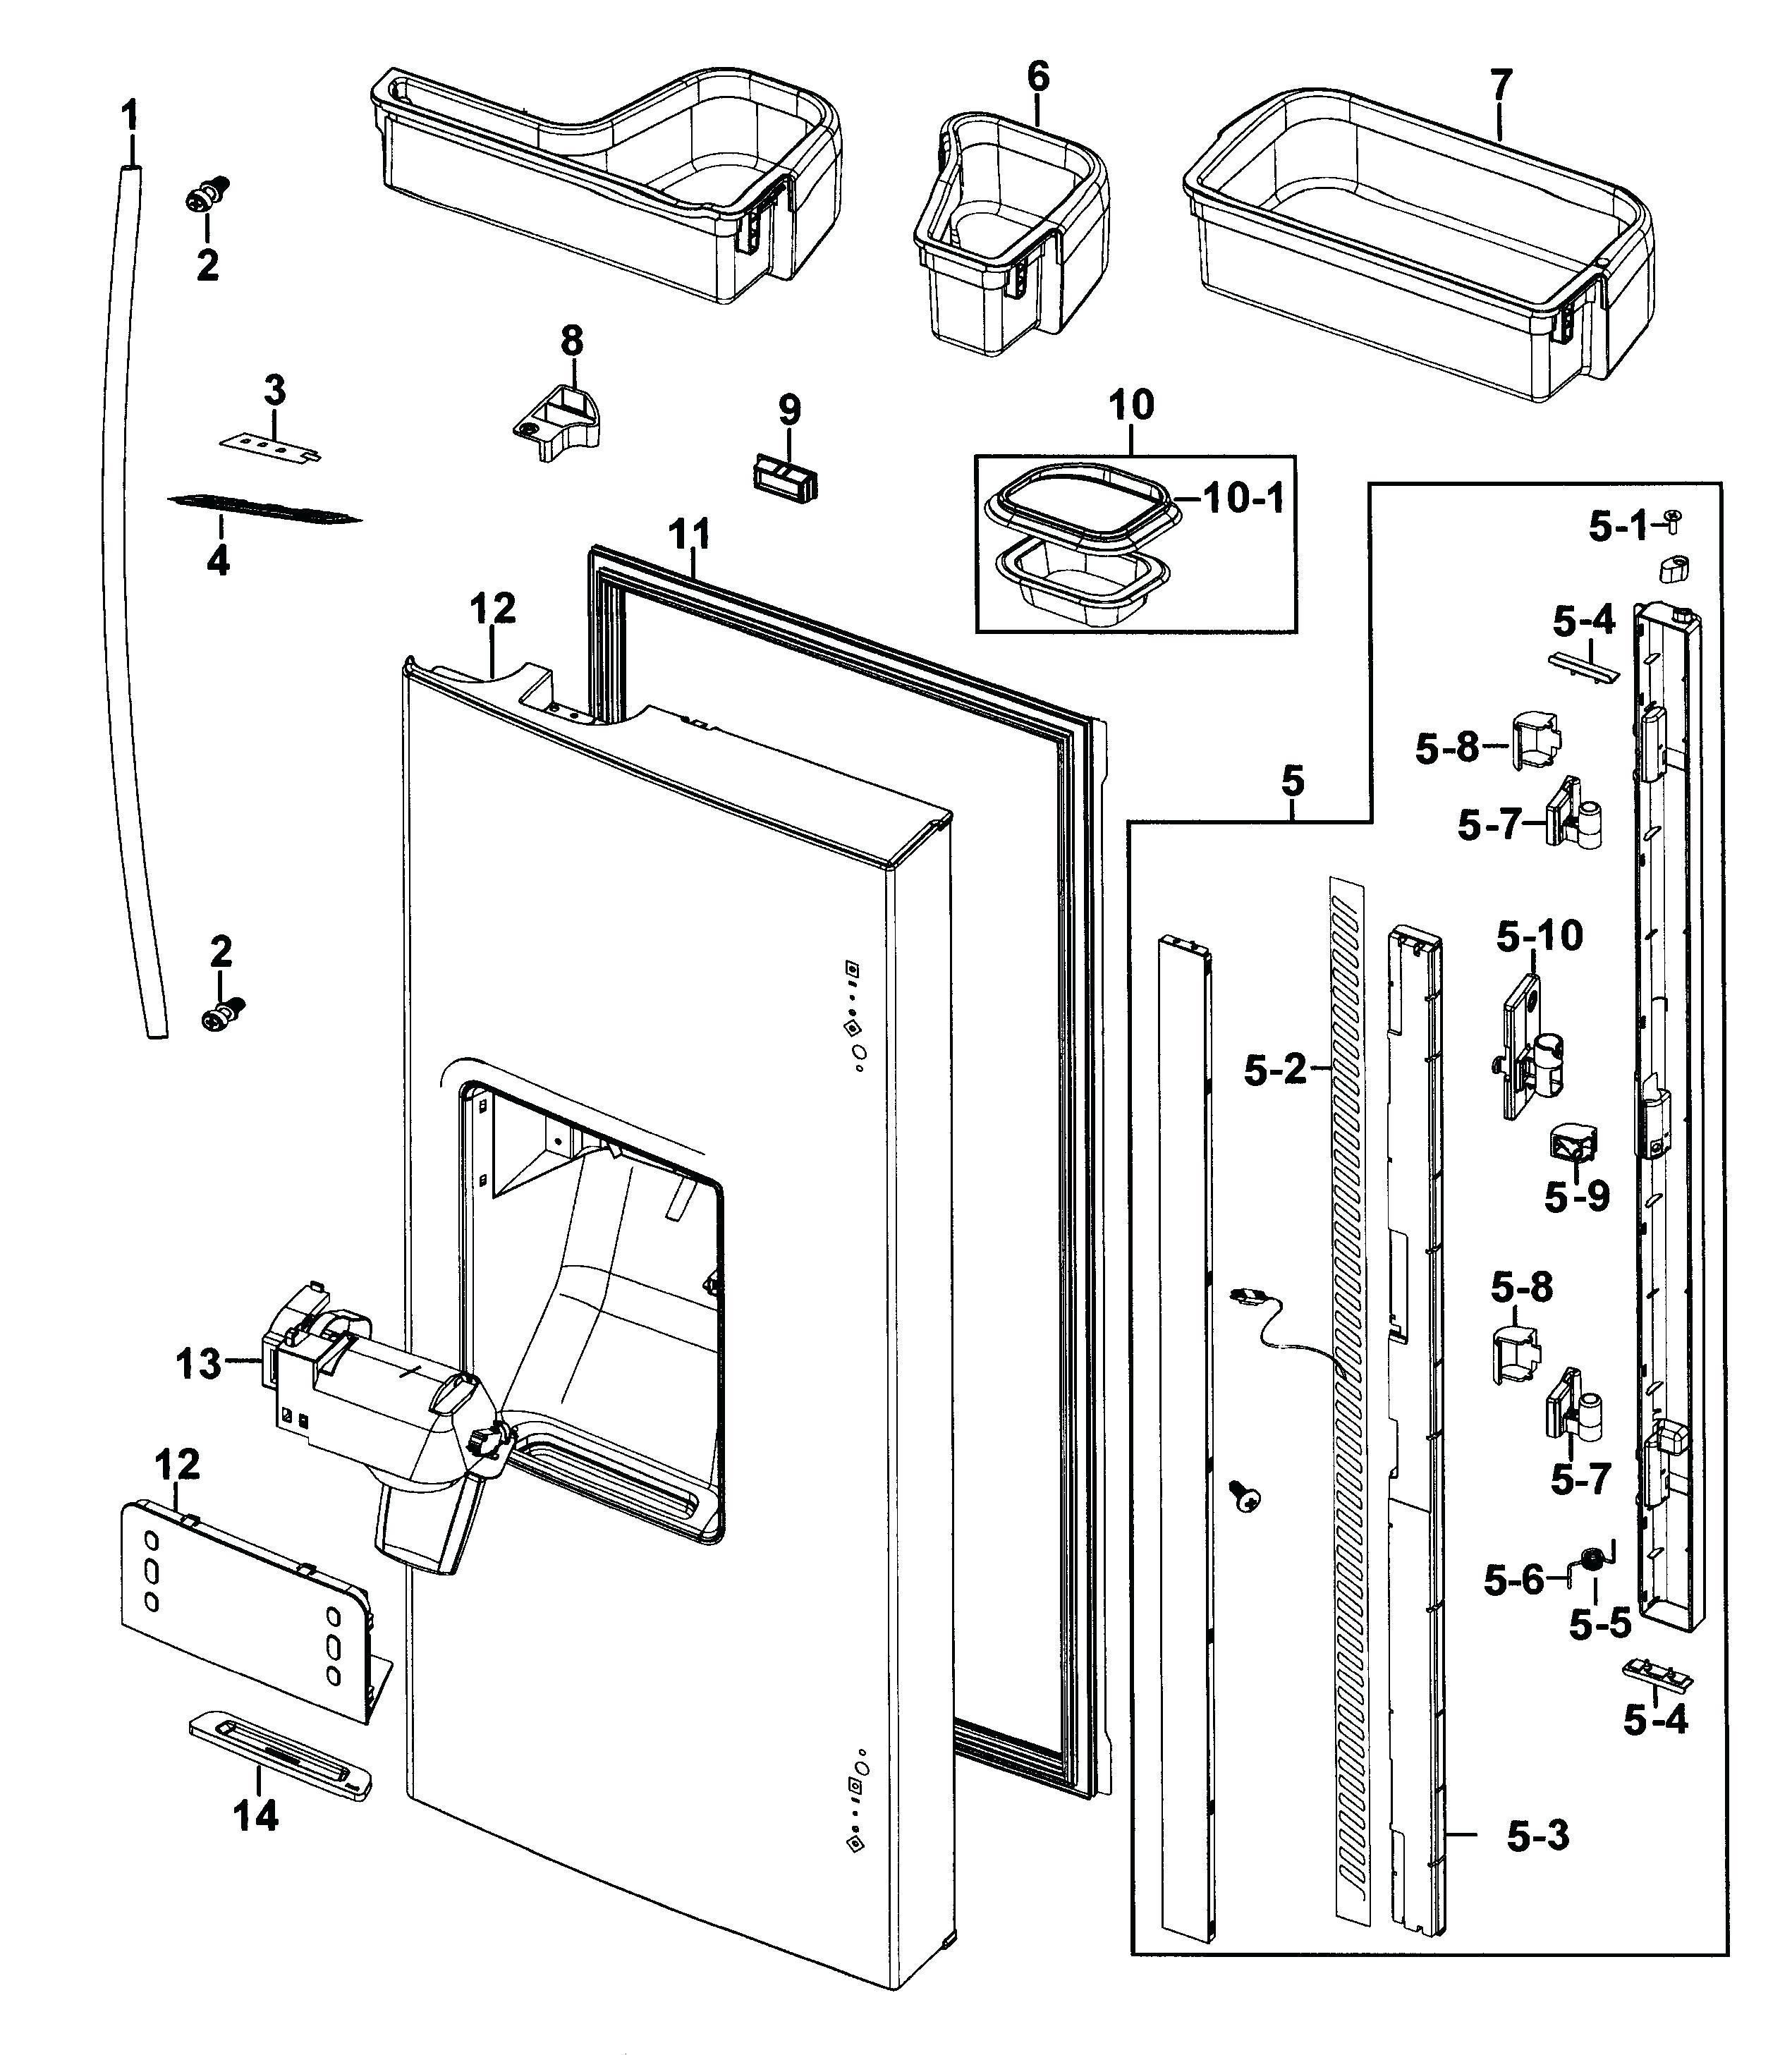 Wiring Diagram Of Refrigerator Pdf | Wiring Library - Refrigerator Wiring Diagram Pdf